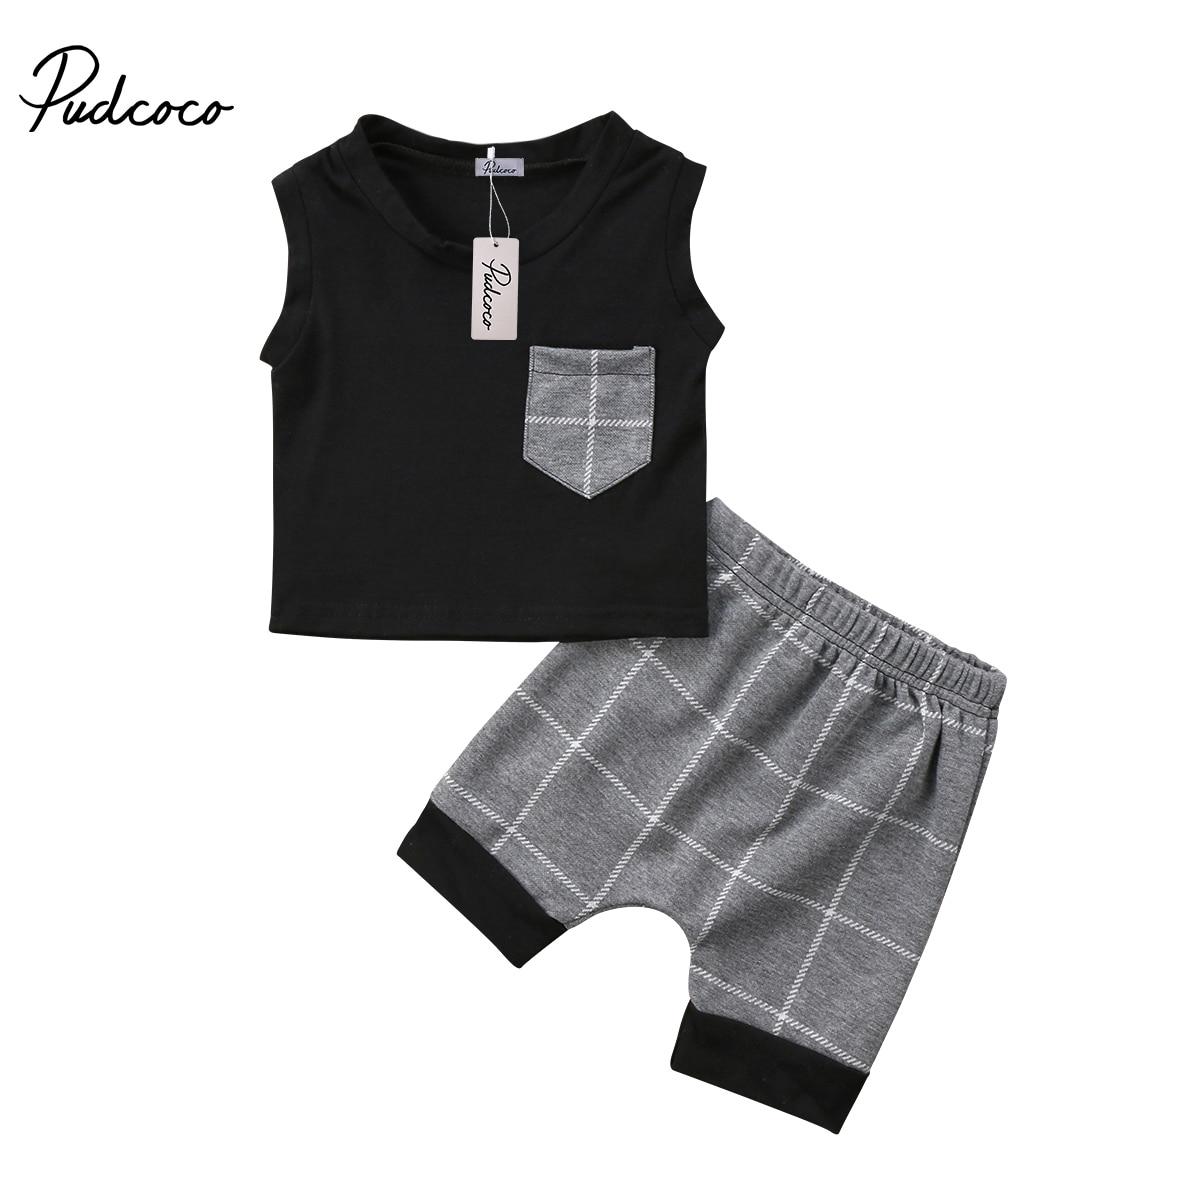 2018 Brand New Neonato Infantile Del Bambino Bambini Baby Boy Senza Maniche Tops T-shirt Pantaloni Corti Checket Outfits 2 Pz Set Estate Vestiti